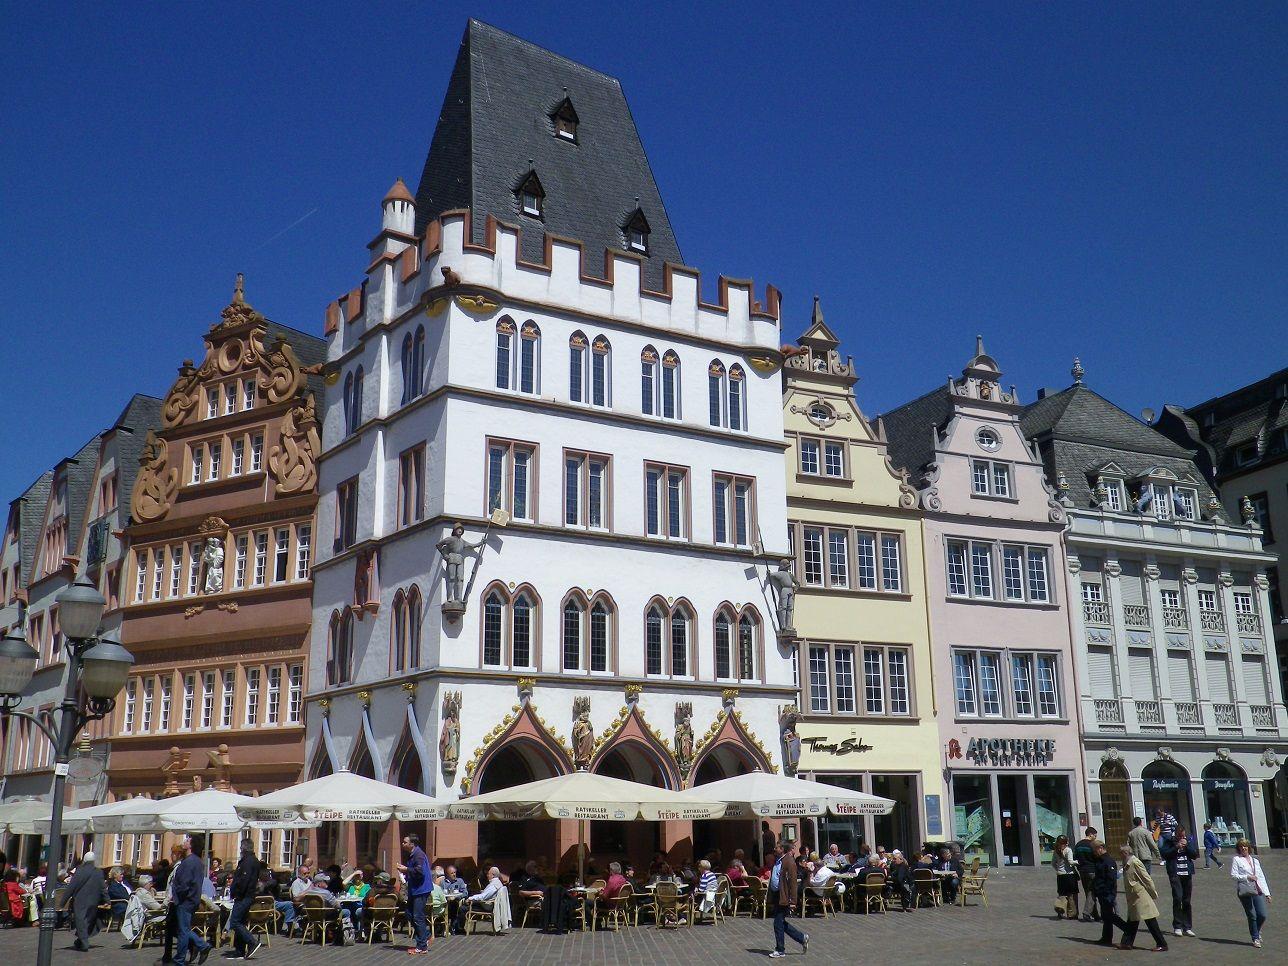 Auf dem Mosel Radweg von Trier in Richtung Koblenz Eine Tour Radwanderer sehnsüchtig